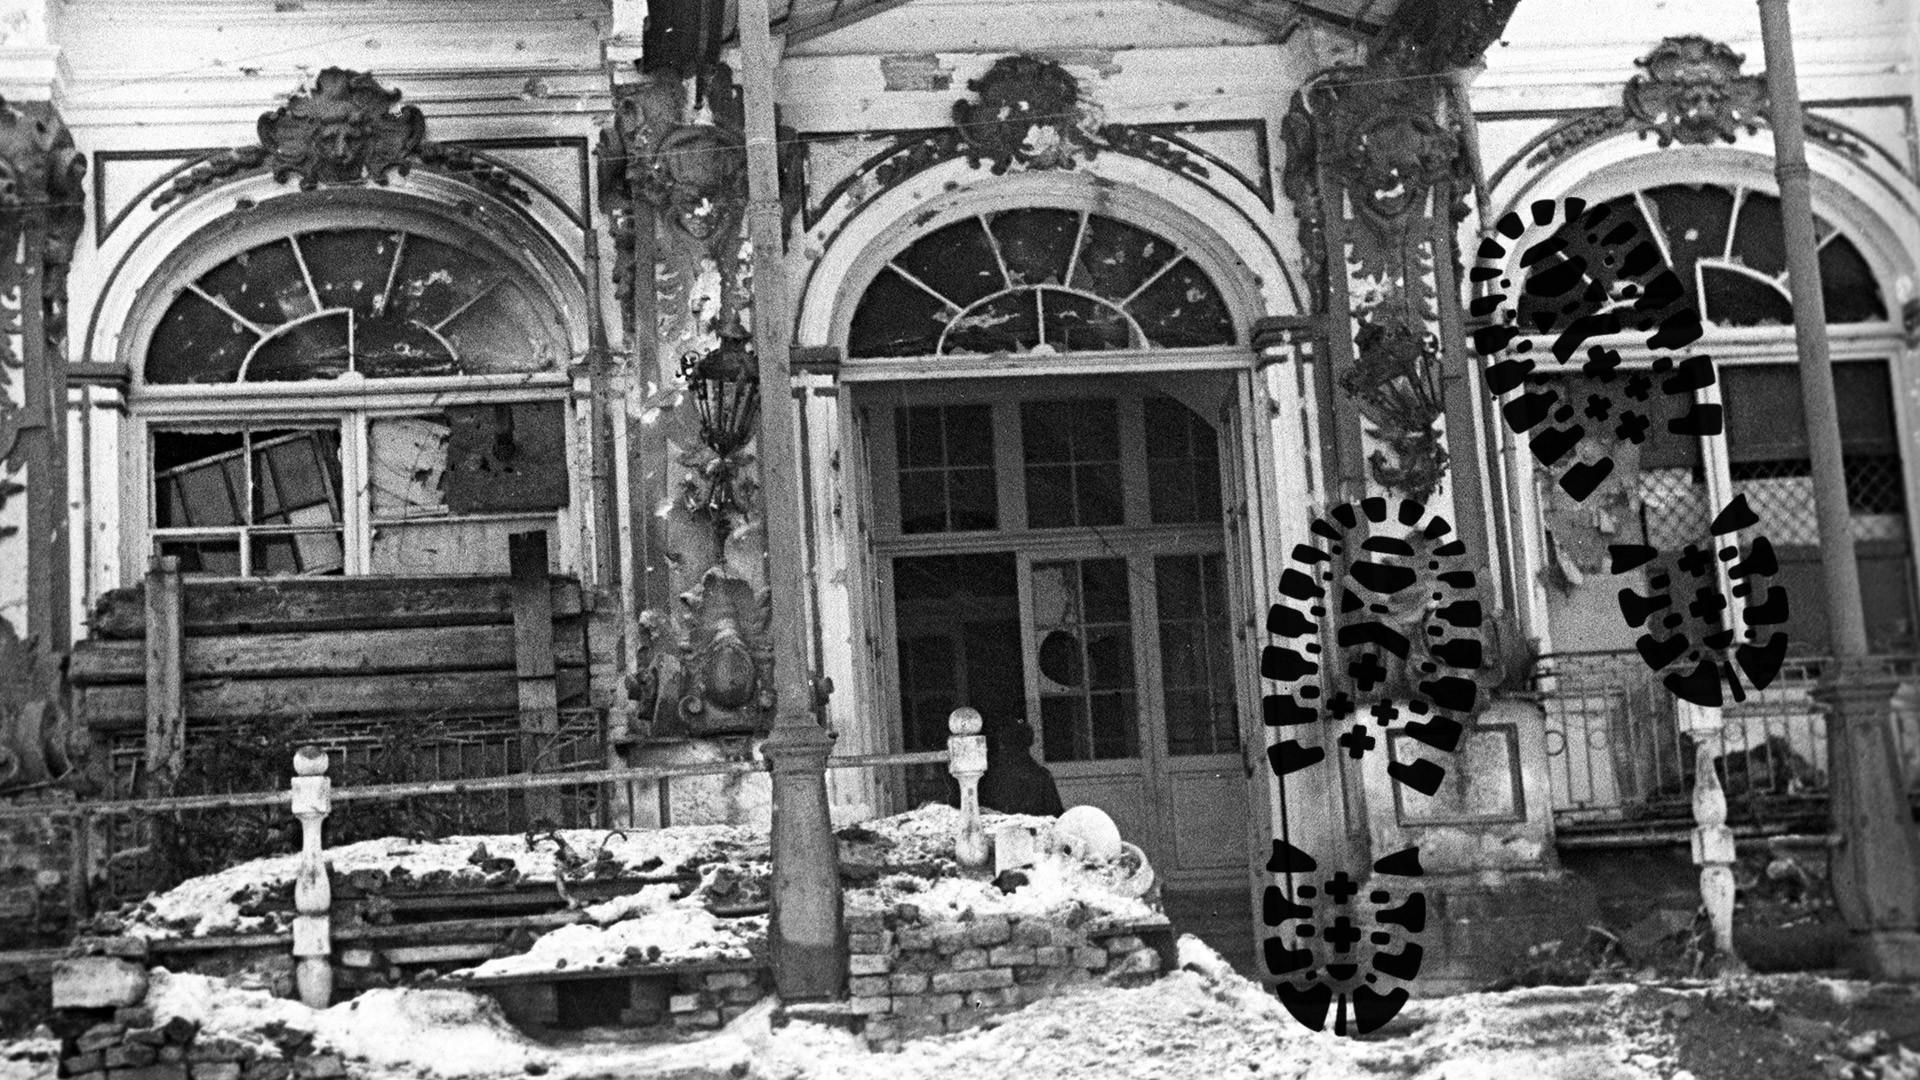 Здание Александровского дворца после освобождения города Пушкина советскими войсками. Коллаж © L!FE. Фото © РИА Новости/Борис Кудояров